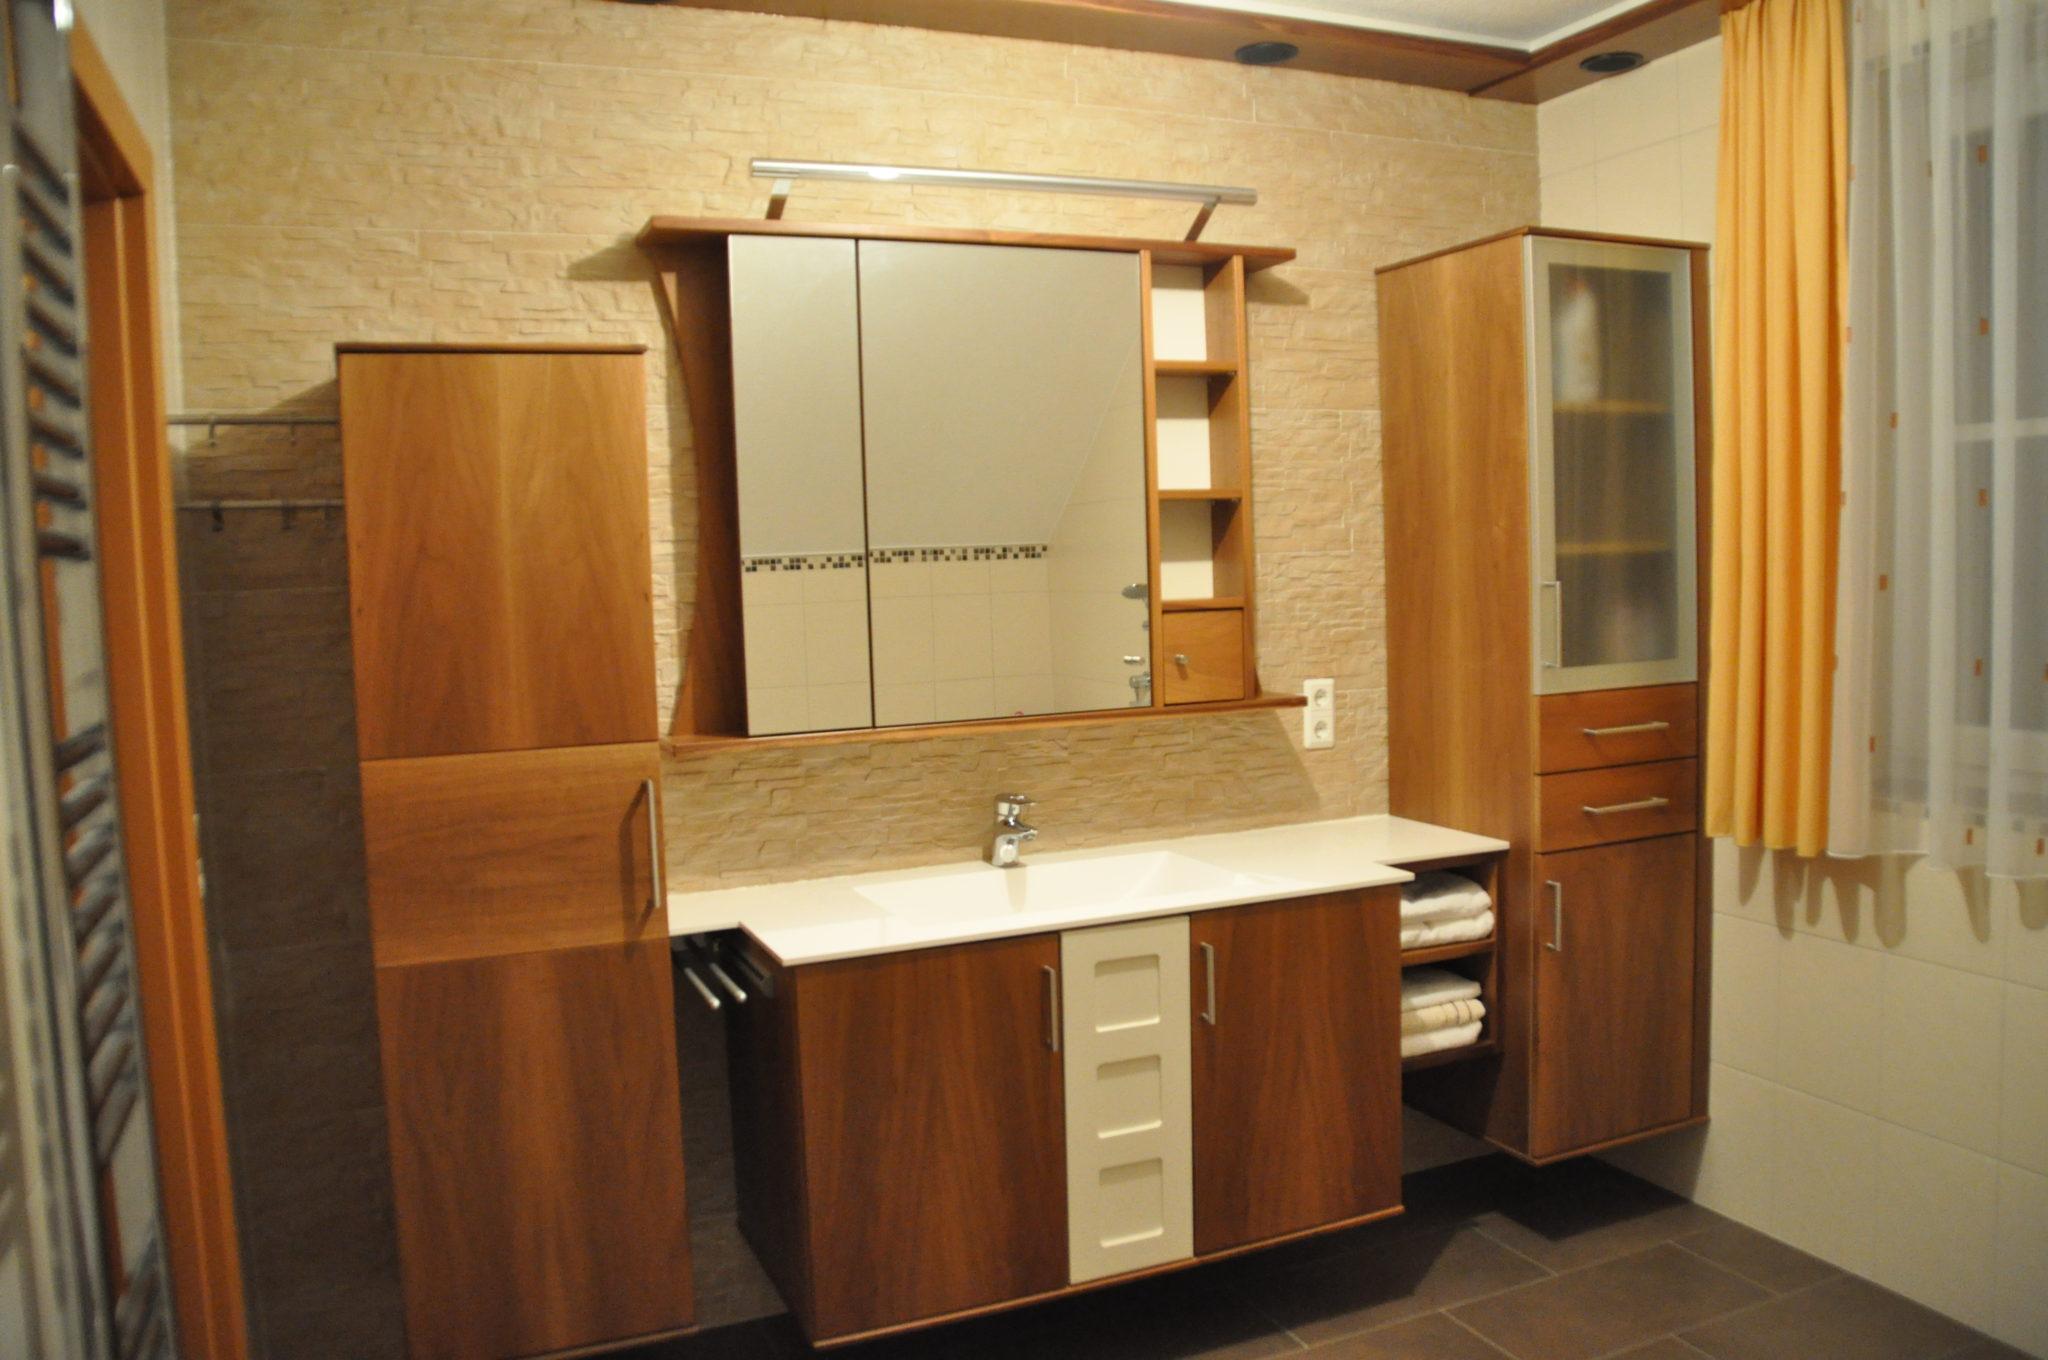 Tischlerei Gassner Zimmer Gesäuse Badezimmer Nationalpark Gesäuse